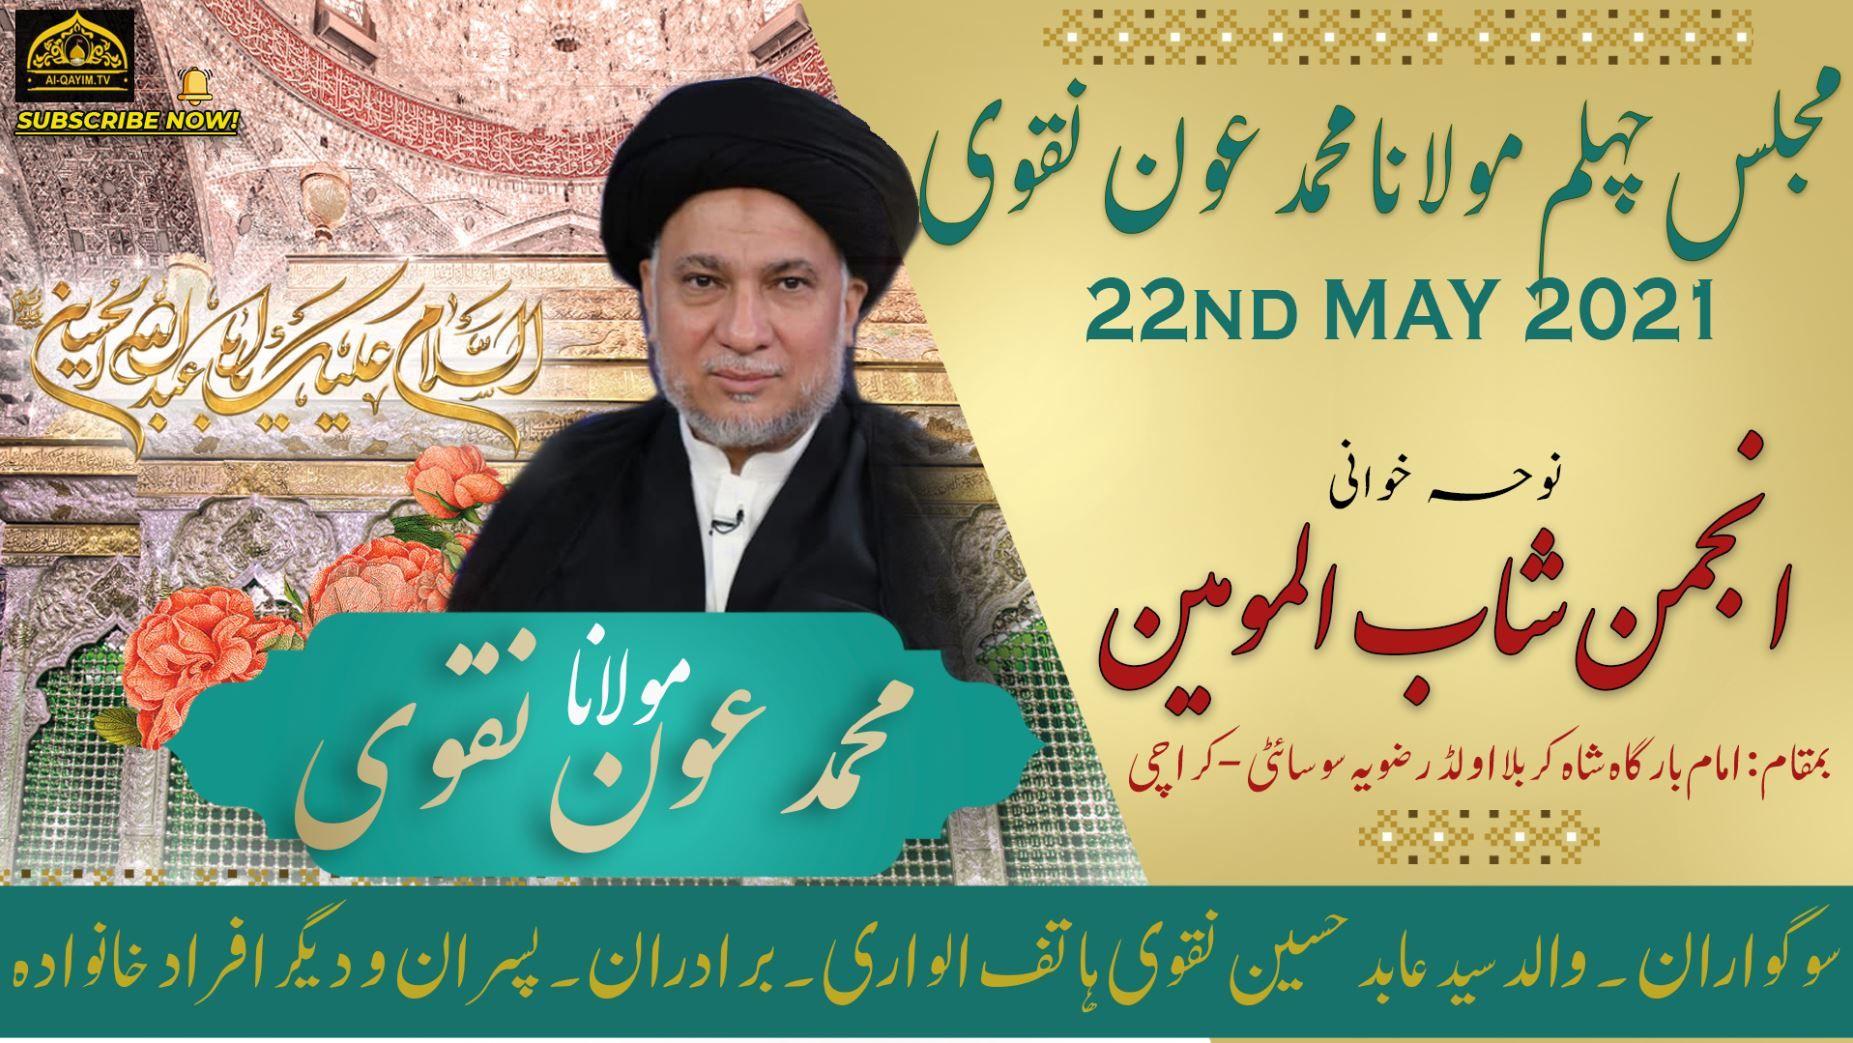 Noha | Shahab Ul Momimeen | Majlis-e-Chelum Moulana Muhammad Aun Naqvi | 22 May 2021 | Karachi